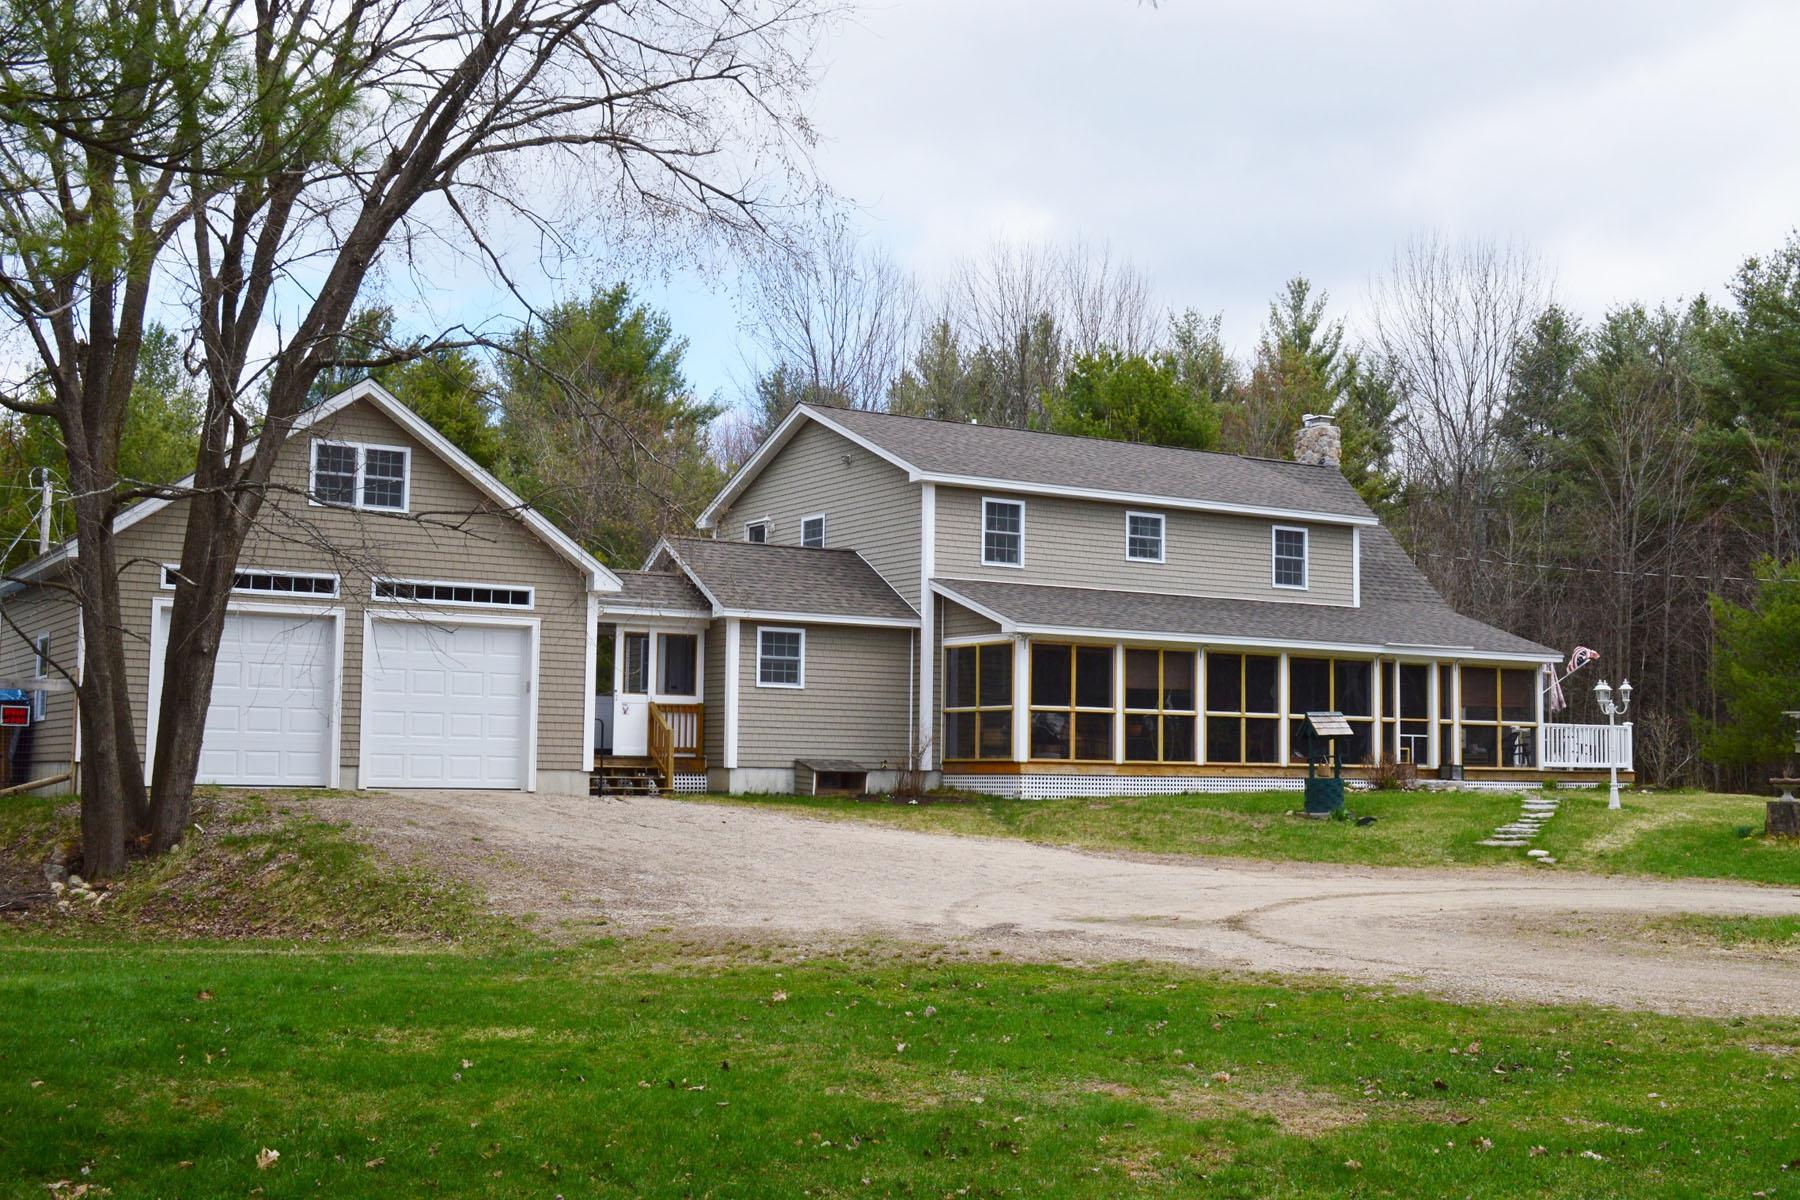 Maison unifamiliale pour l Vente à 169 Circuit Road, Ossipee 169 Circuit Rd Ossipee, New Hampshire 03864 États-Unis